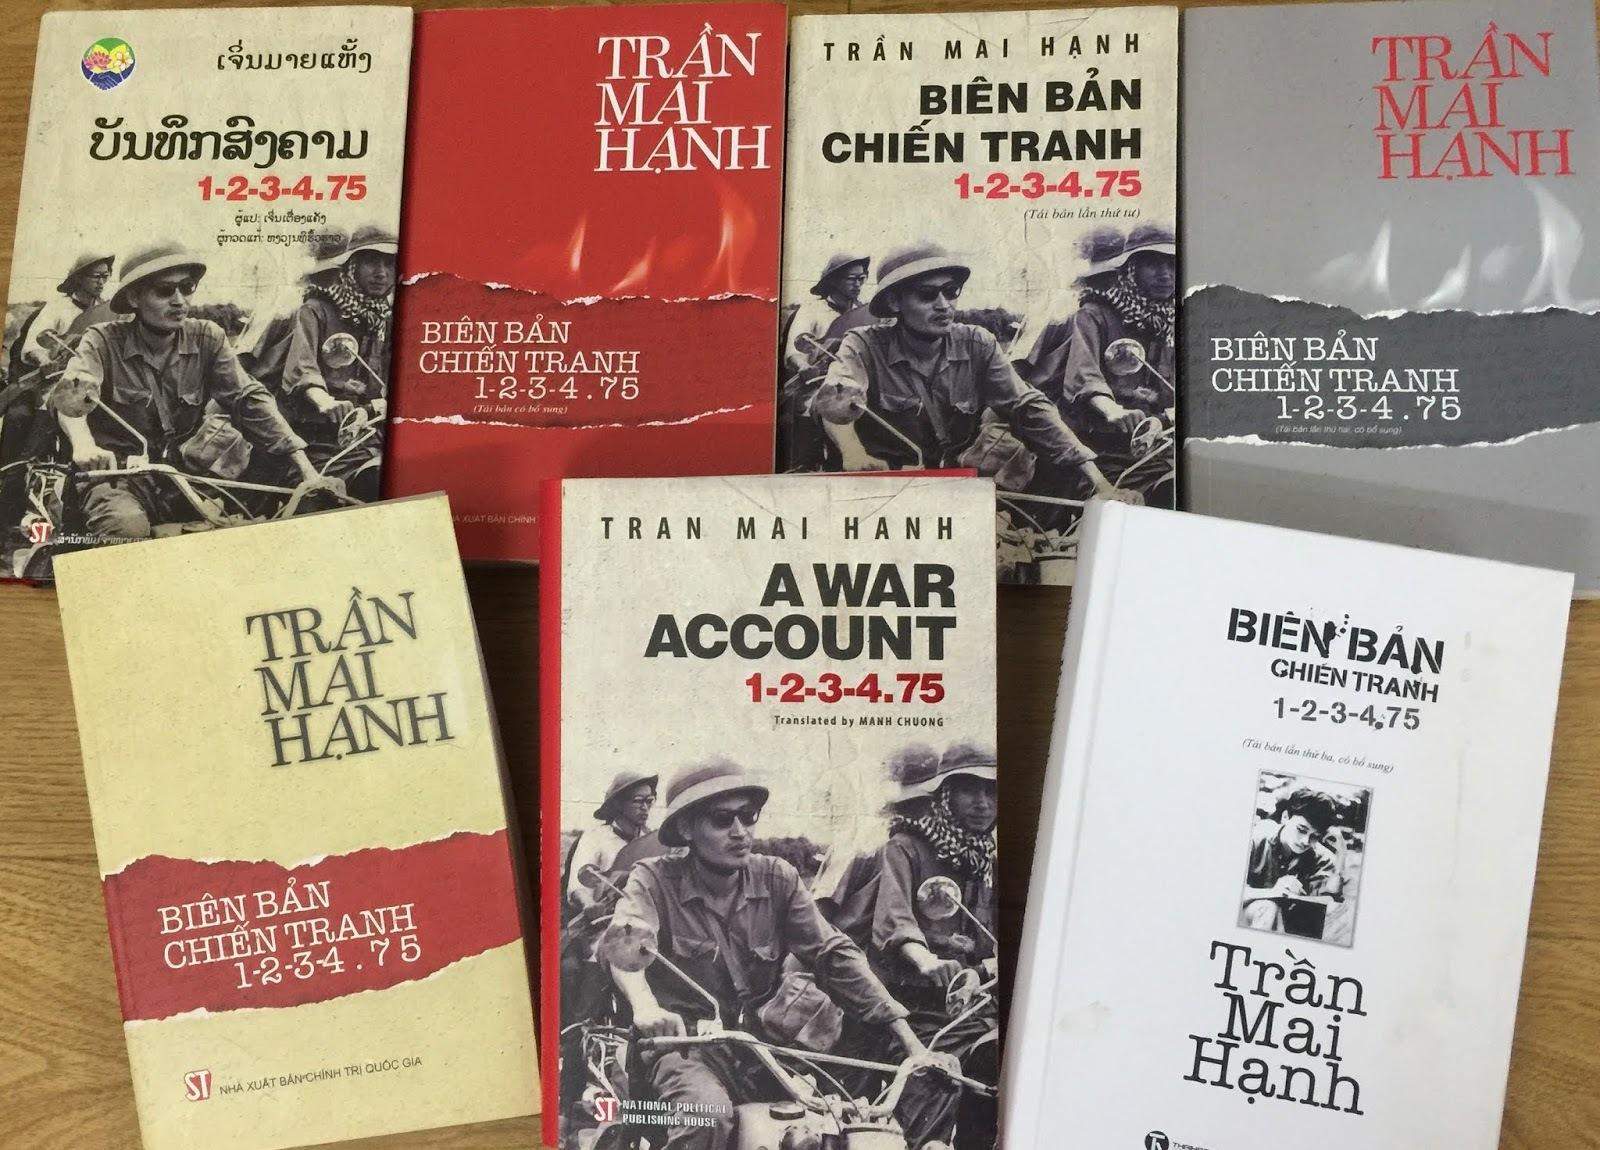 Nhà báo Trần Mai Hạnh: Sức hút lớn nhất của 'Biên bản chiến tranh' là sự thật